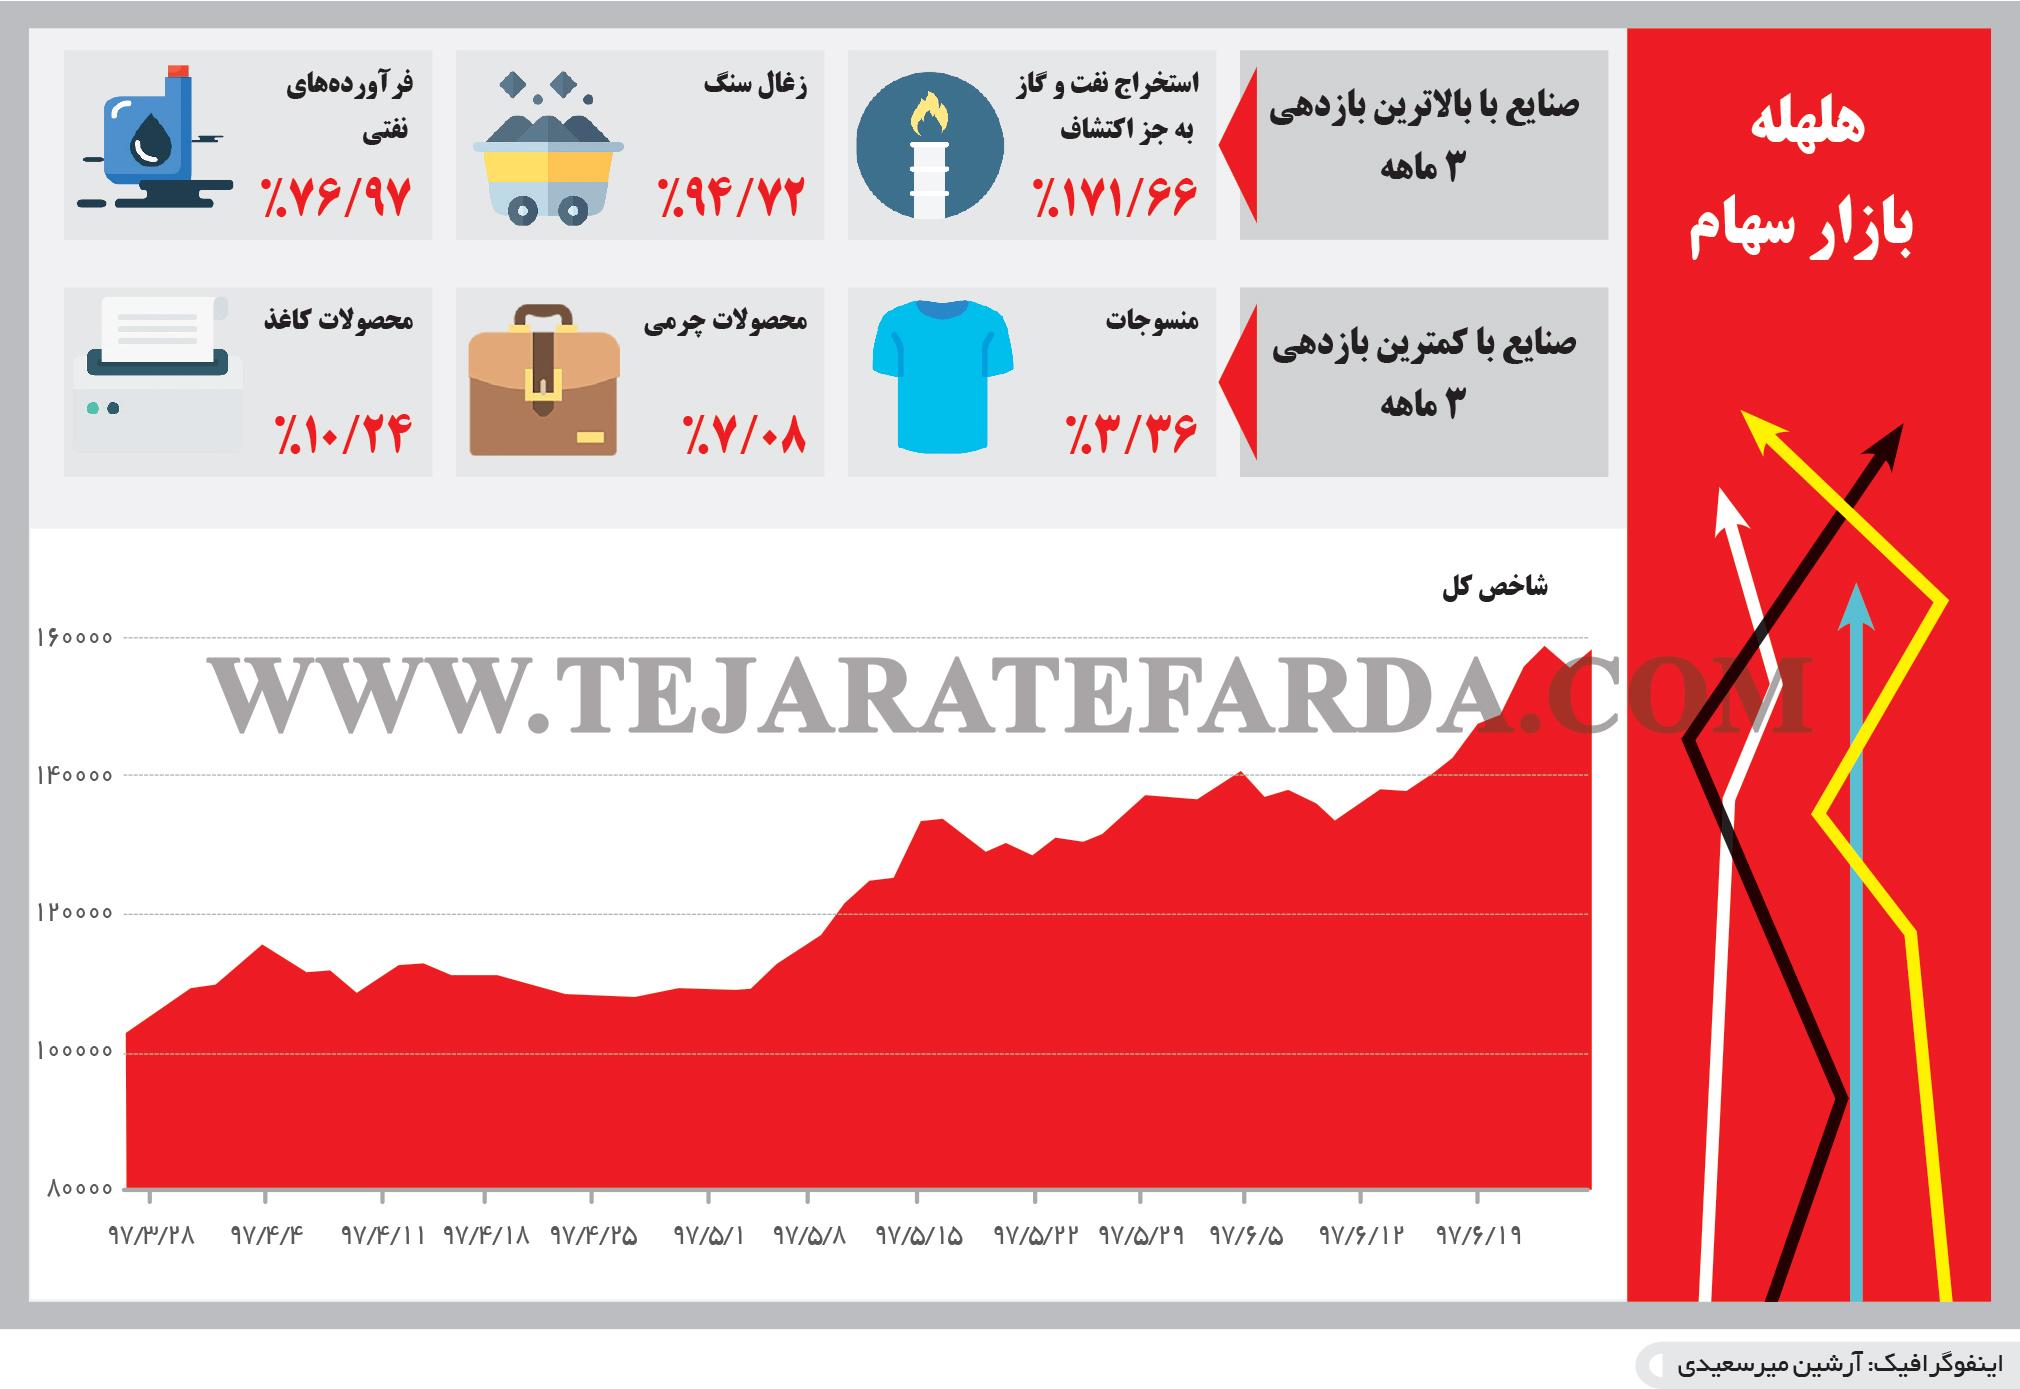 تجارت- فردا- هلهله  بازار سهام (اینفوگرافیک)